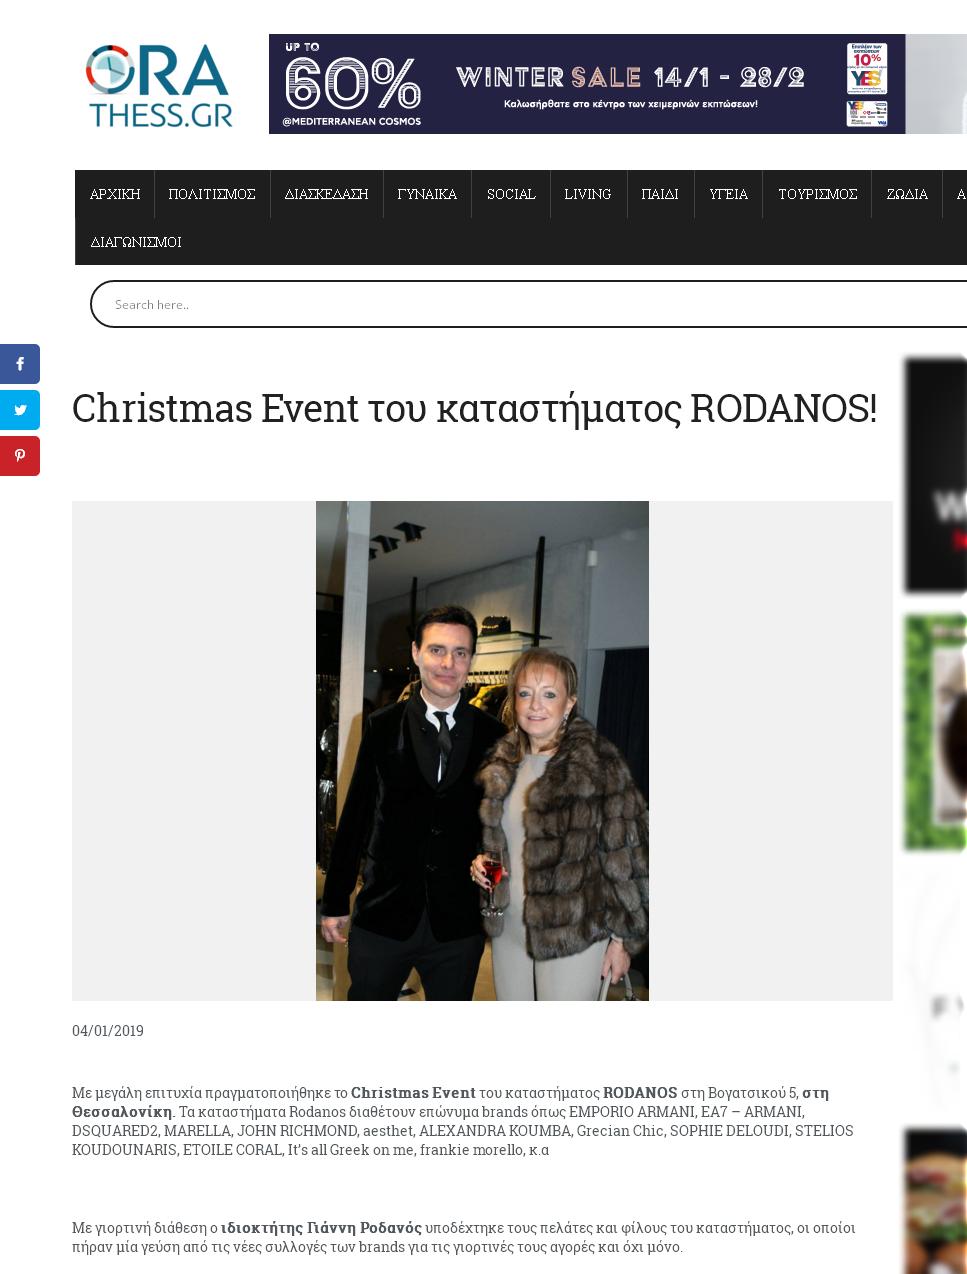 Rodanos Stores Christmas event